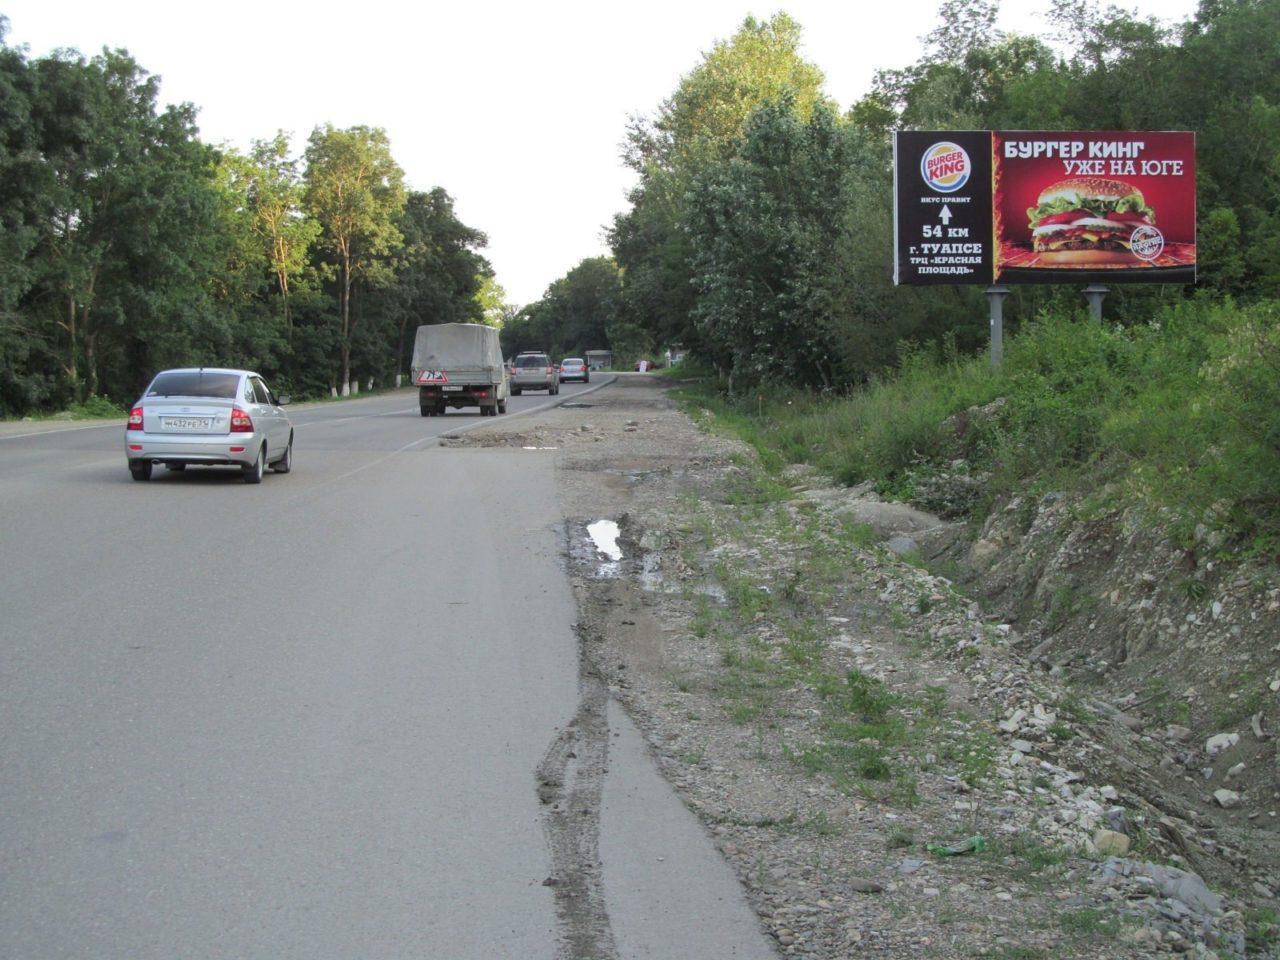 навигационный щит Джубга Трасса Джубга-Сочи, 1 км + 270 м, справа, ст.А